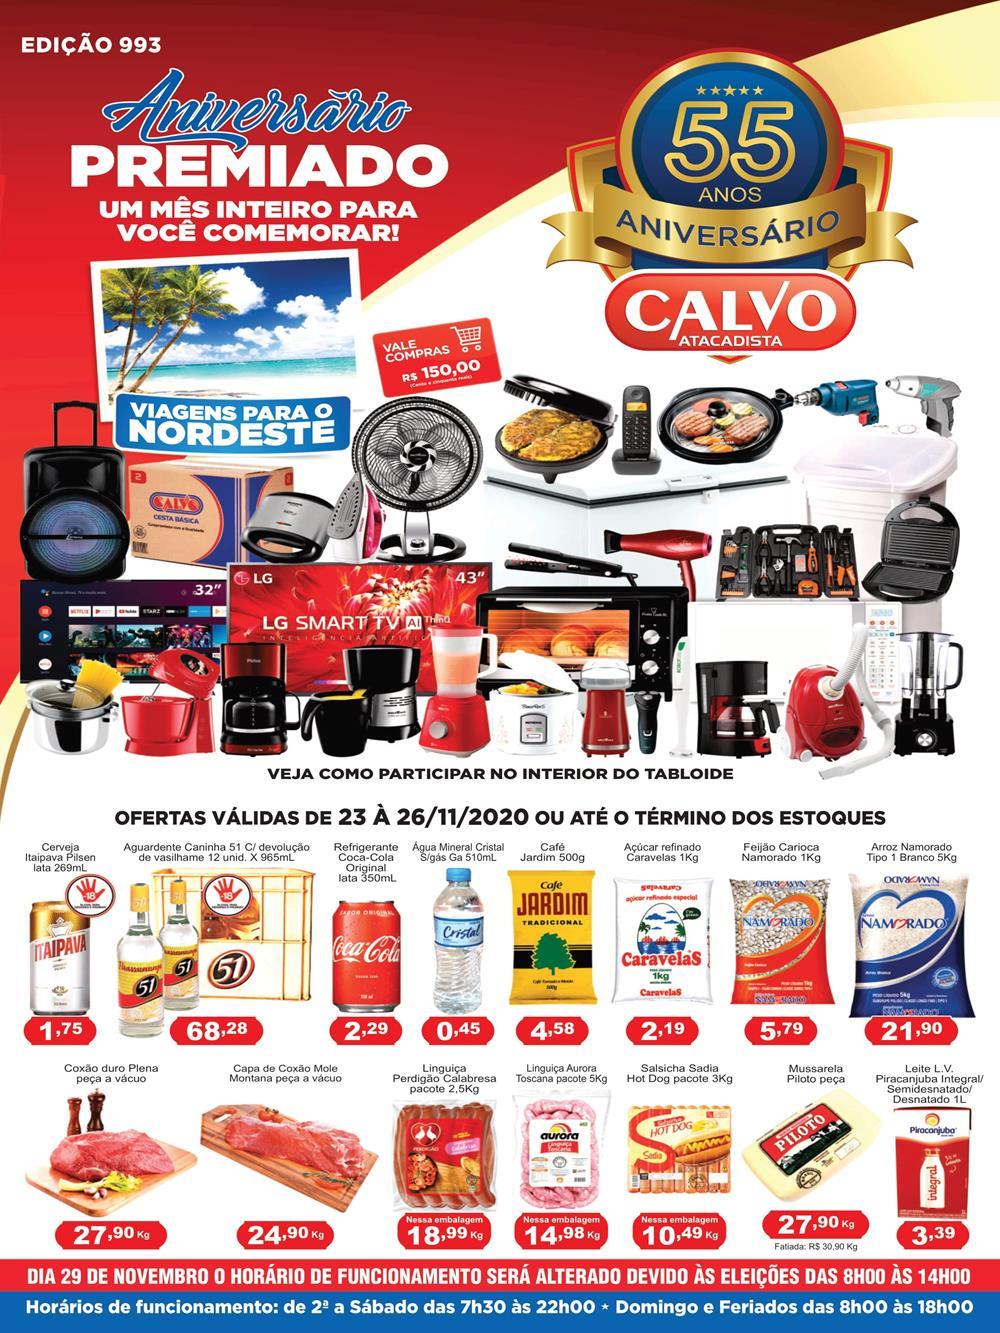 calvo-ofertas-descontos-hoje1-22 Blaci Friday Folhetos atuais